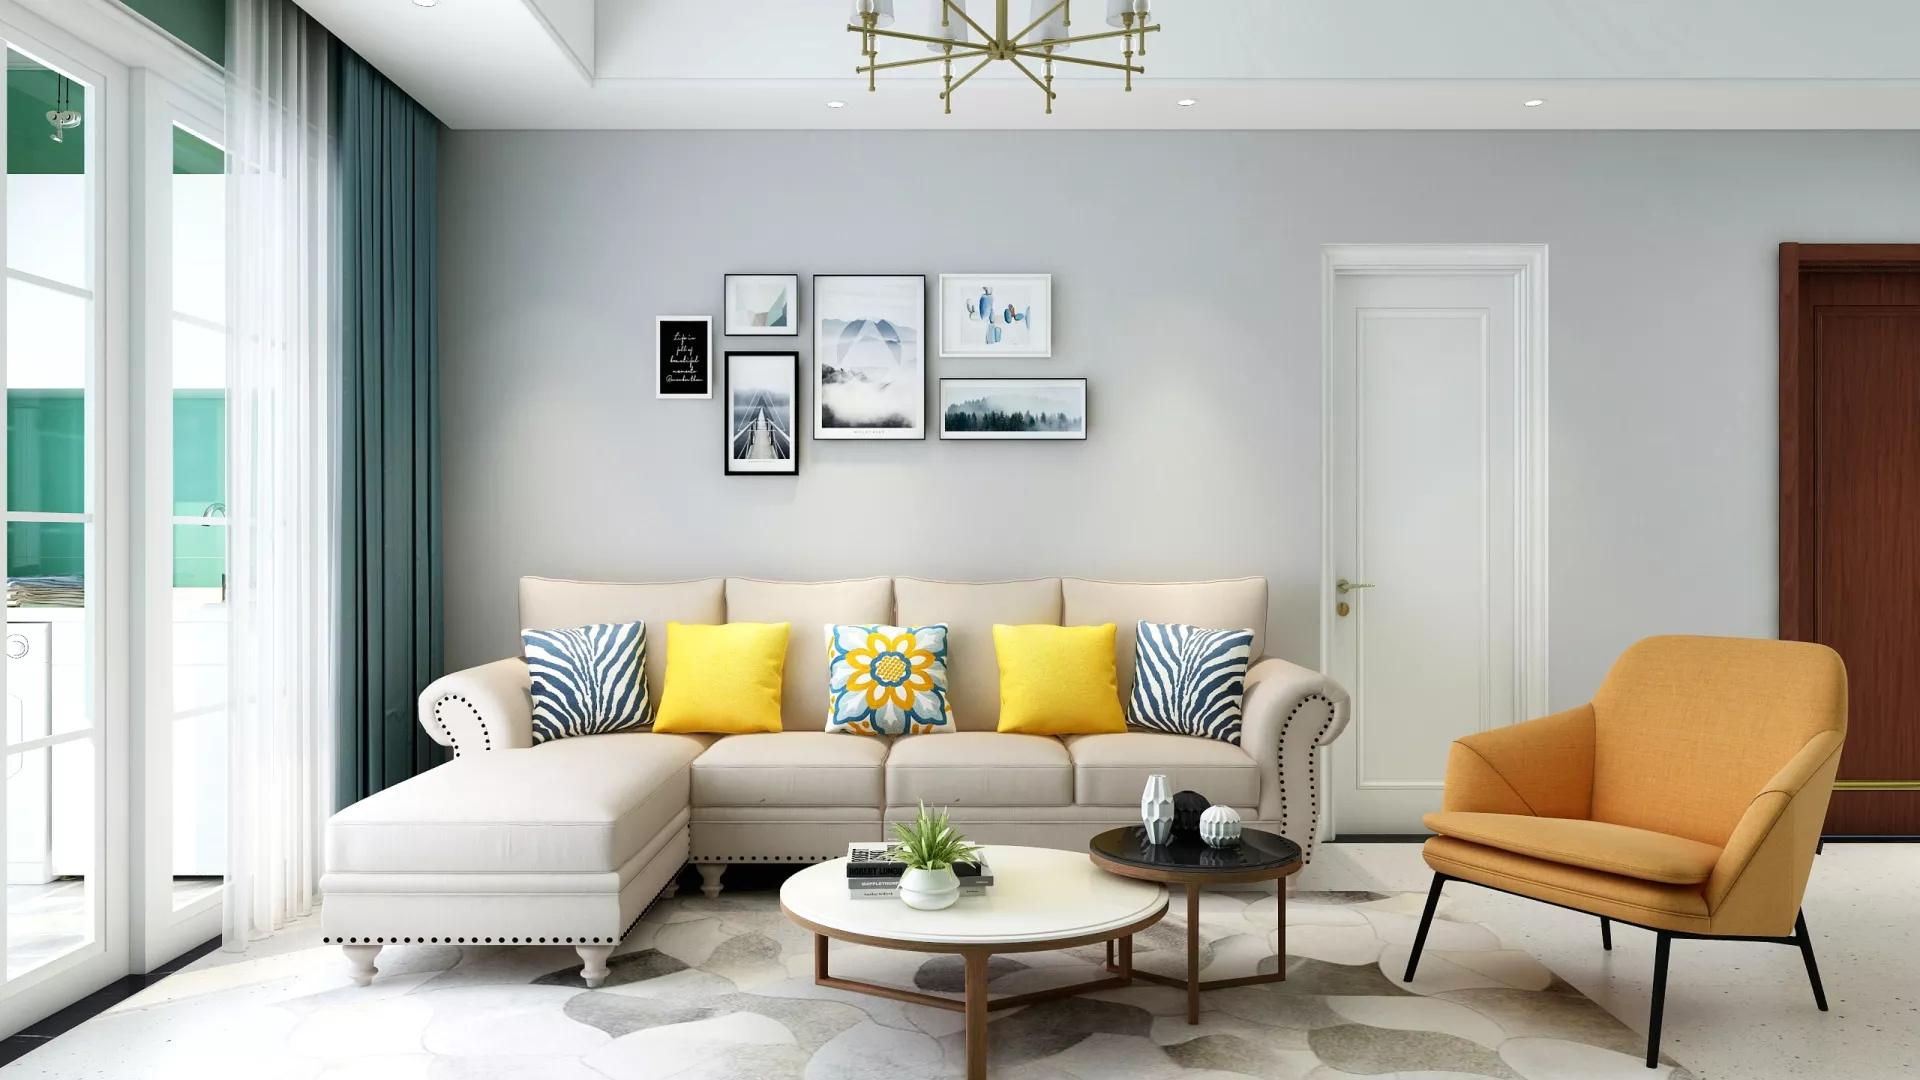 88平米二居室简约风格客厅装修效果图